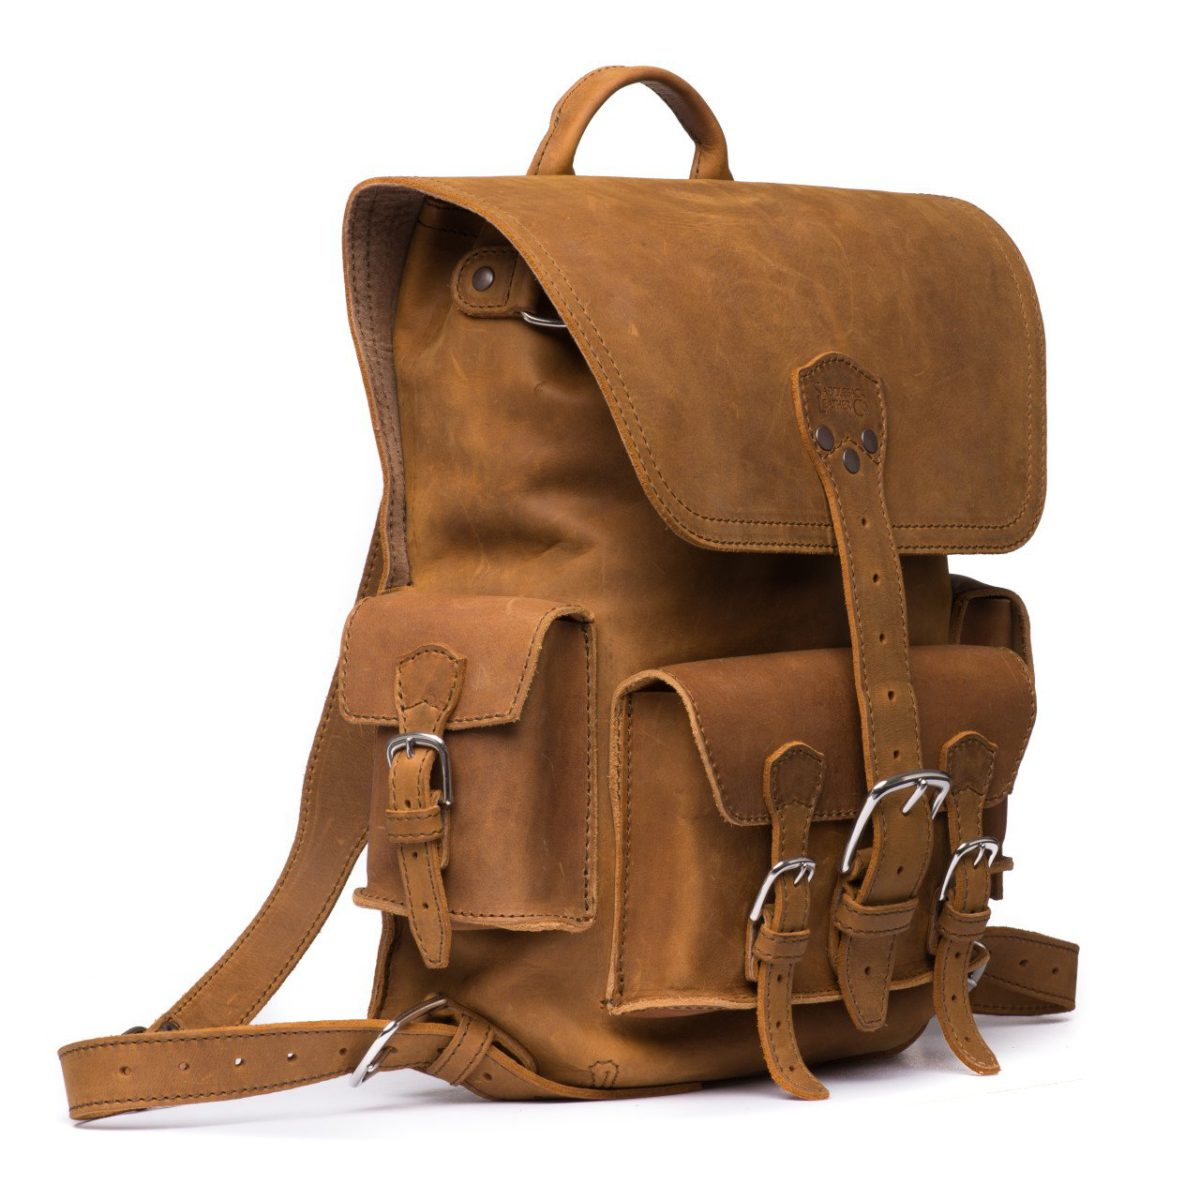 Saddleback Leather Co. thin front backpack